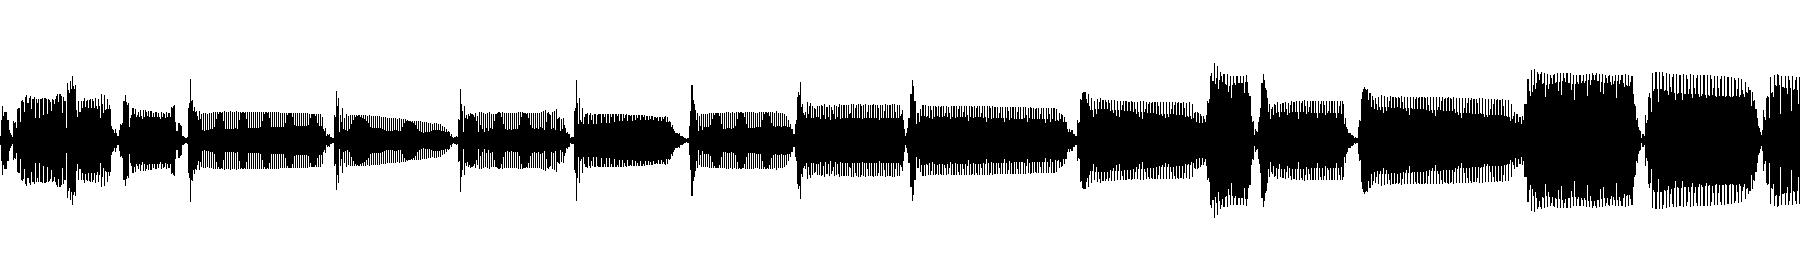 blbc jazzyripper 75 d